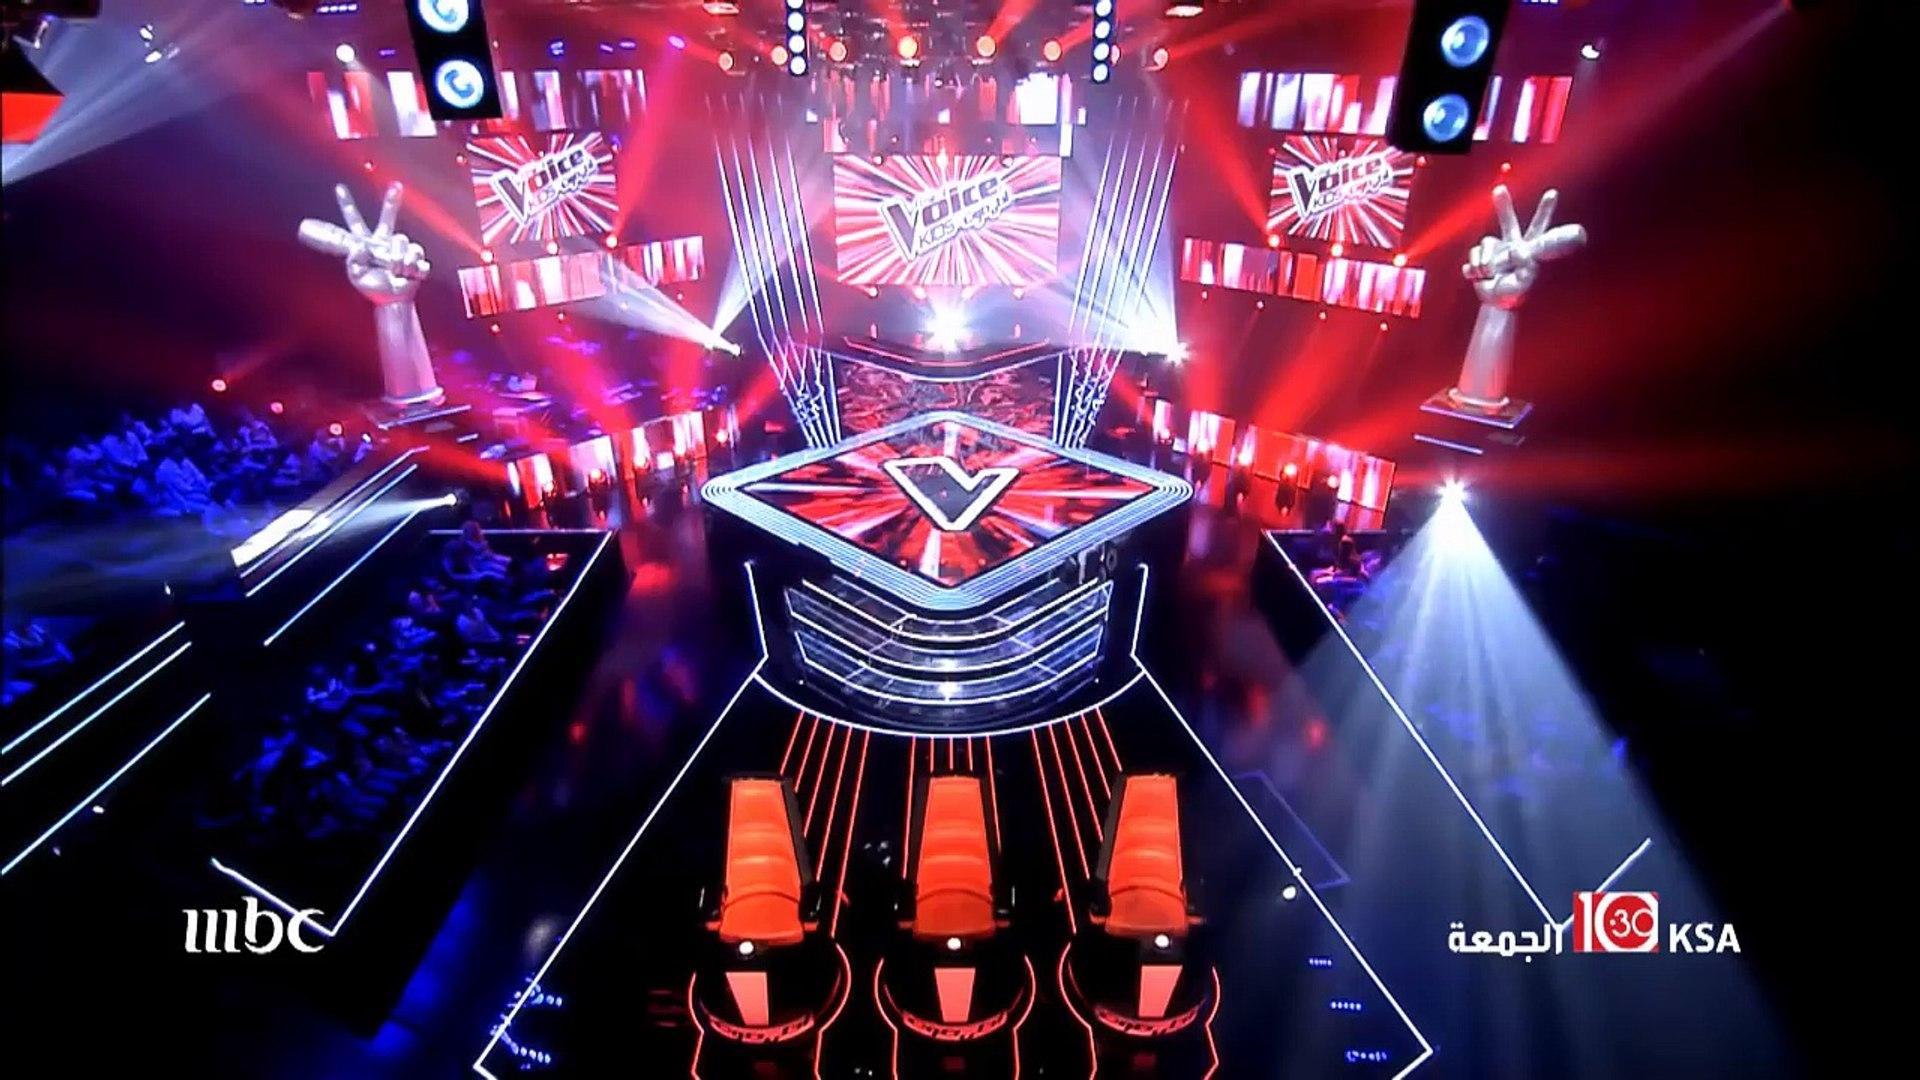 فرصة ثانية لمتابعة  The Voice Kids في موسمه الأول كل جمعة ال 10:30 مساءً  بتوقيت السعودية